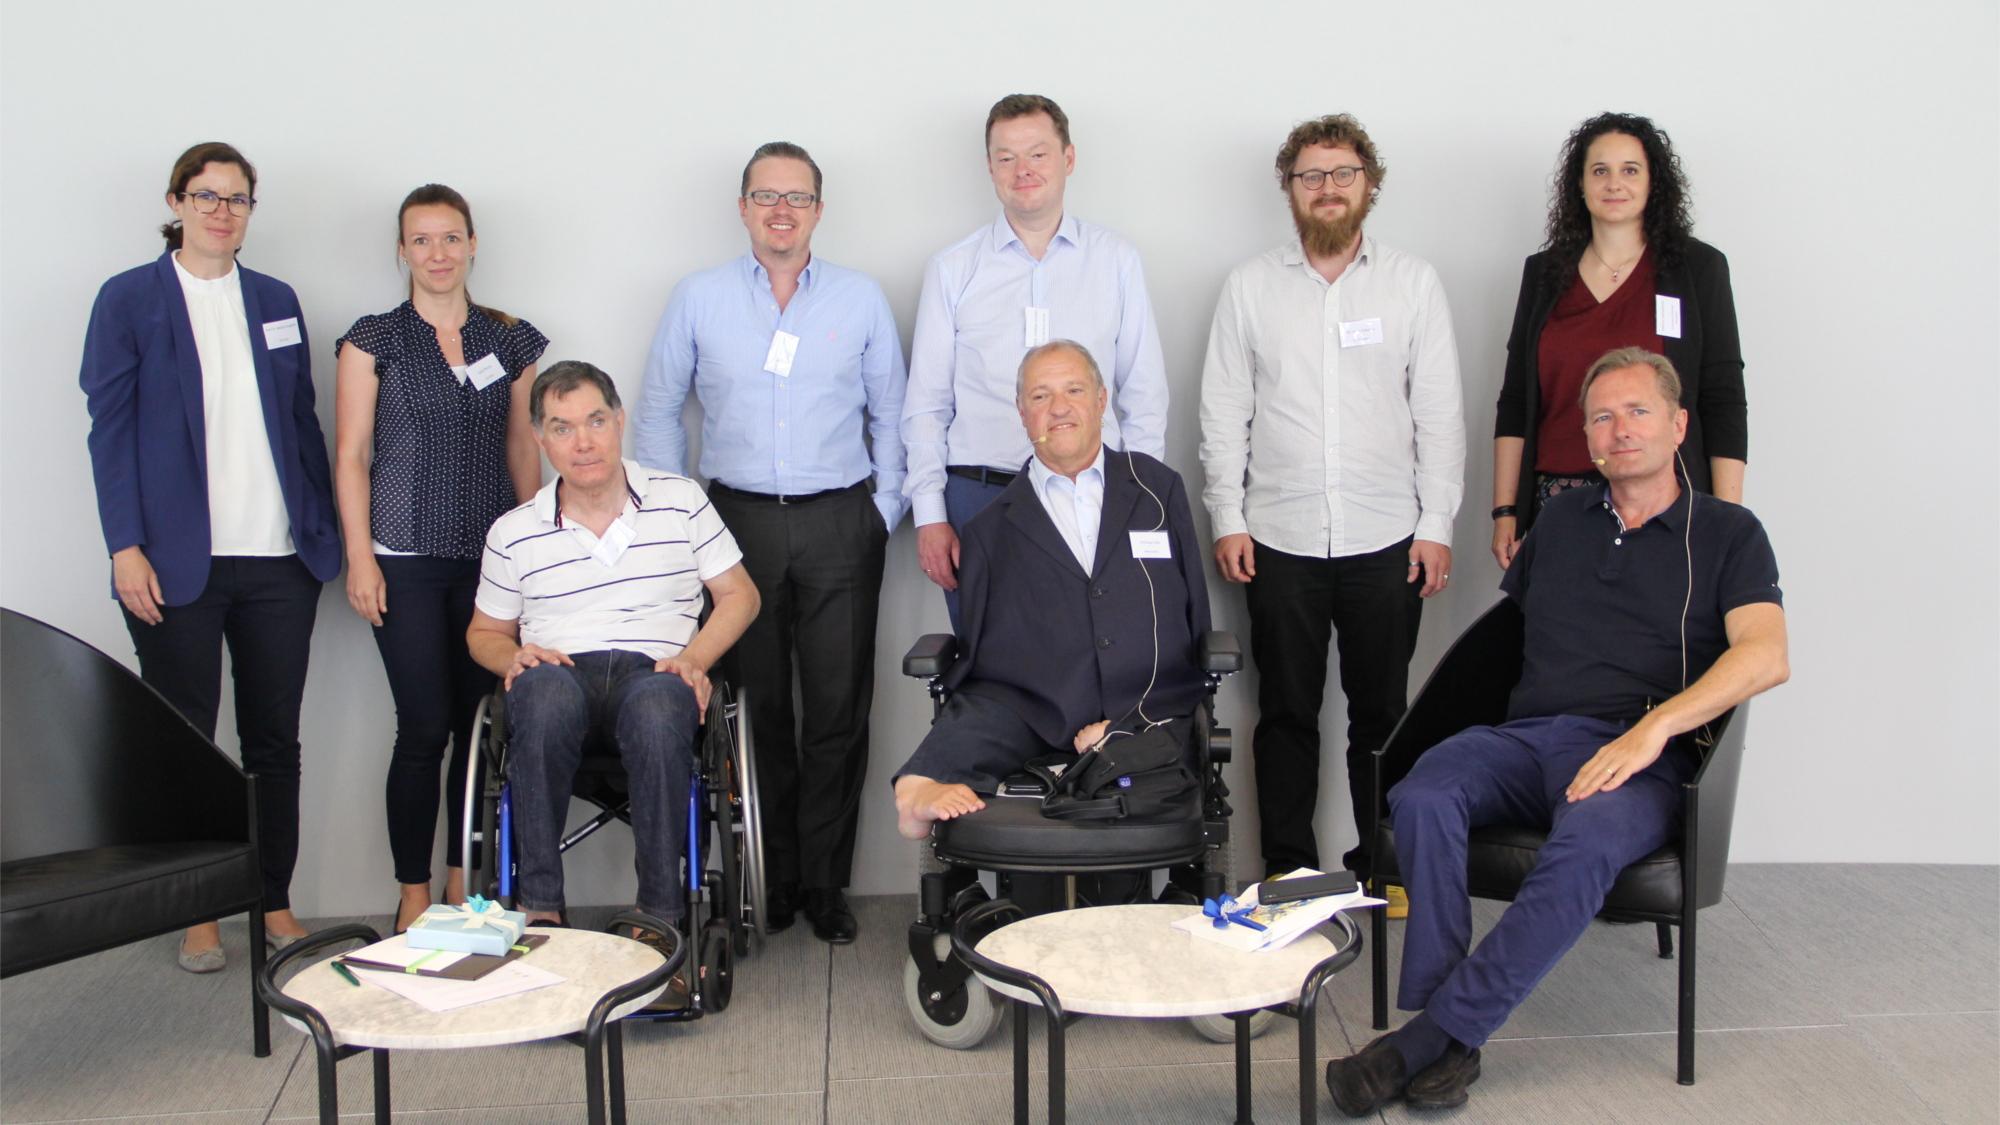 TeilnehmerInnen und ModeratorInnen der Paneldiskussionen